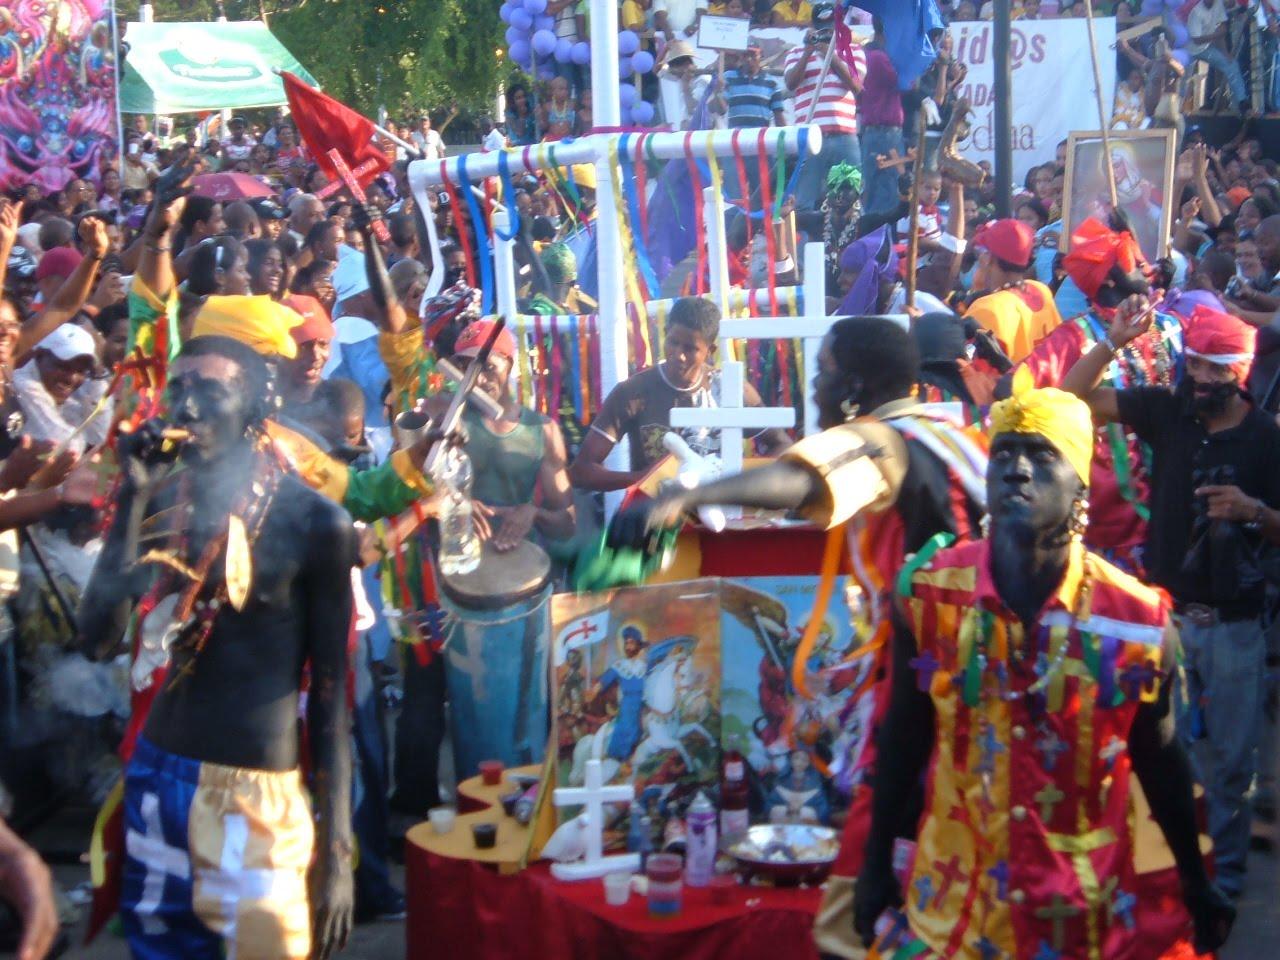 Haitianizacion: Haitianos realizan fiestas gaga en Plaza España Sto. Dog. Gobiernos Francia y RD Apoyan! VIDEO